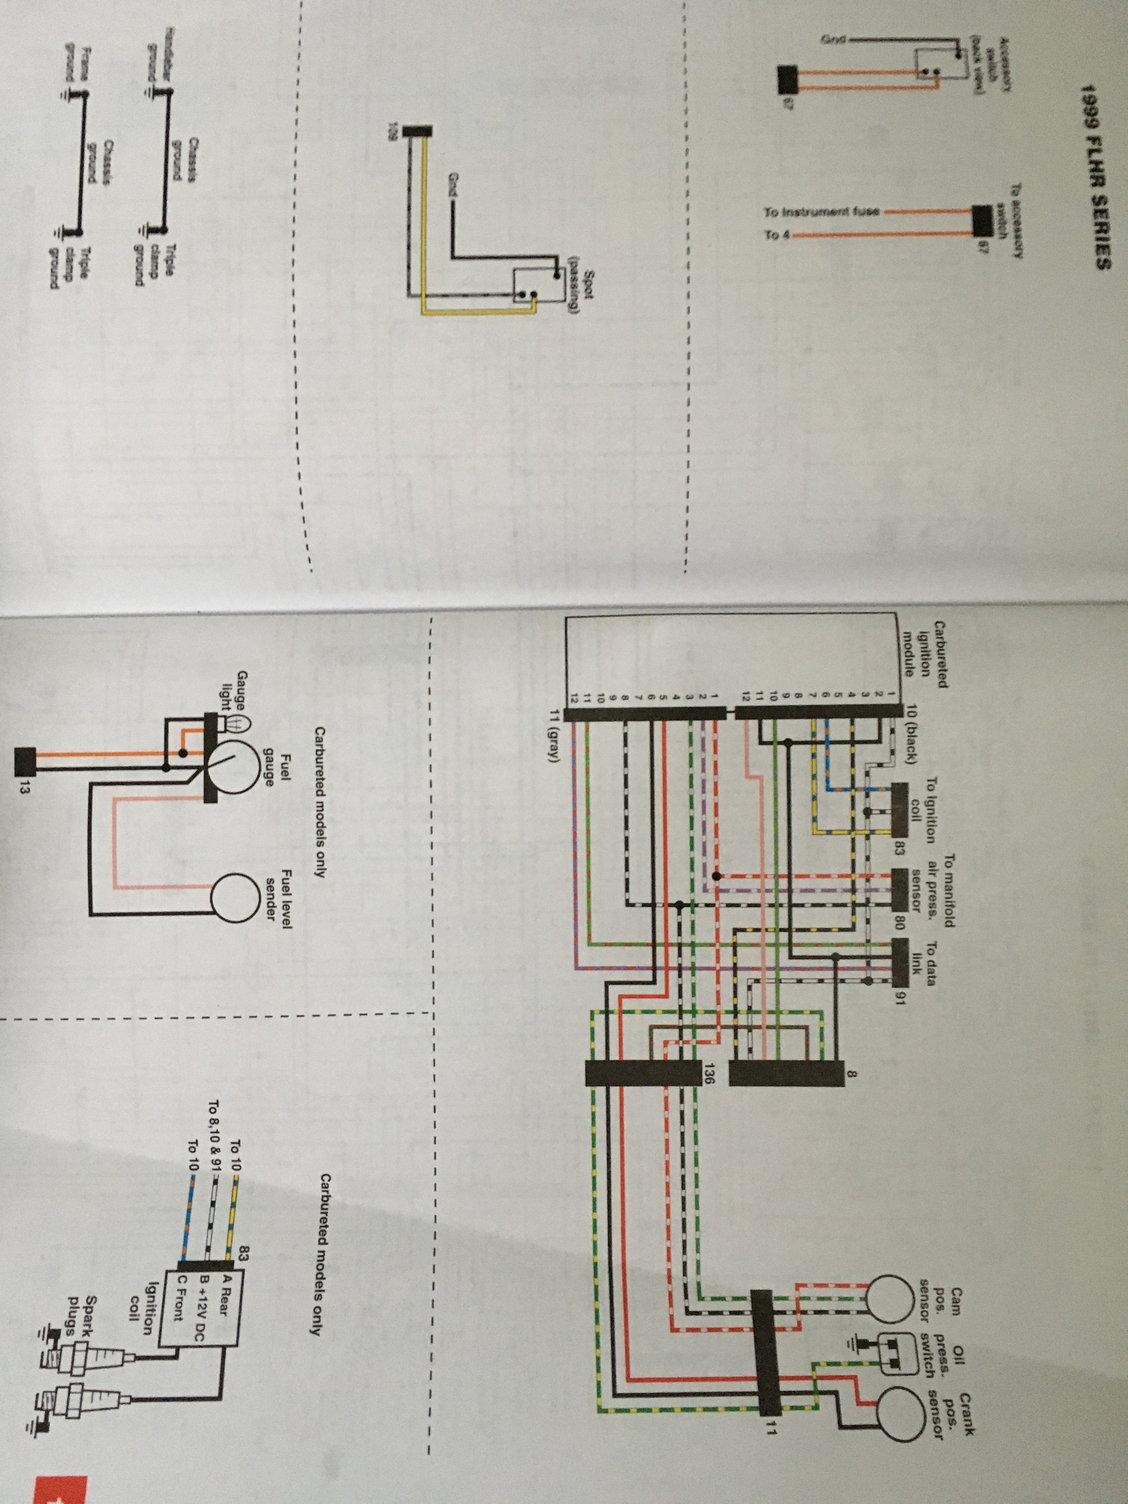 1999 Road King wiring diagram - Harley Davidson Forums | 99 Road King Wiring Diagram |  | Harley Davidson Forums